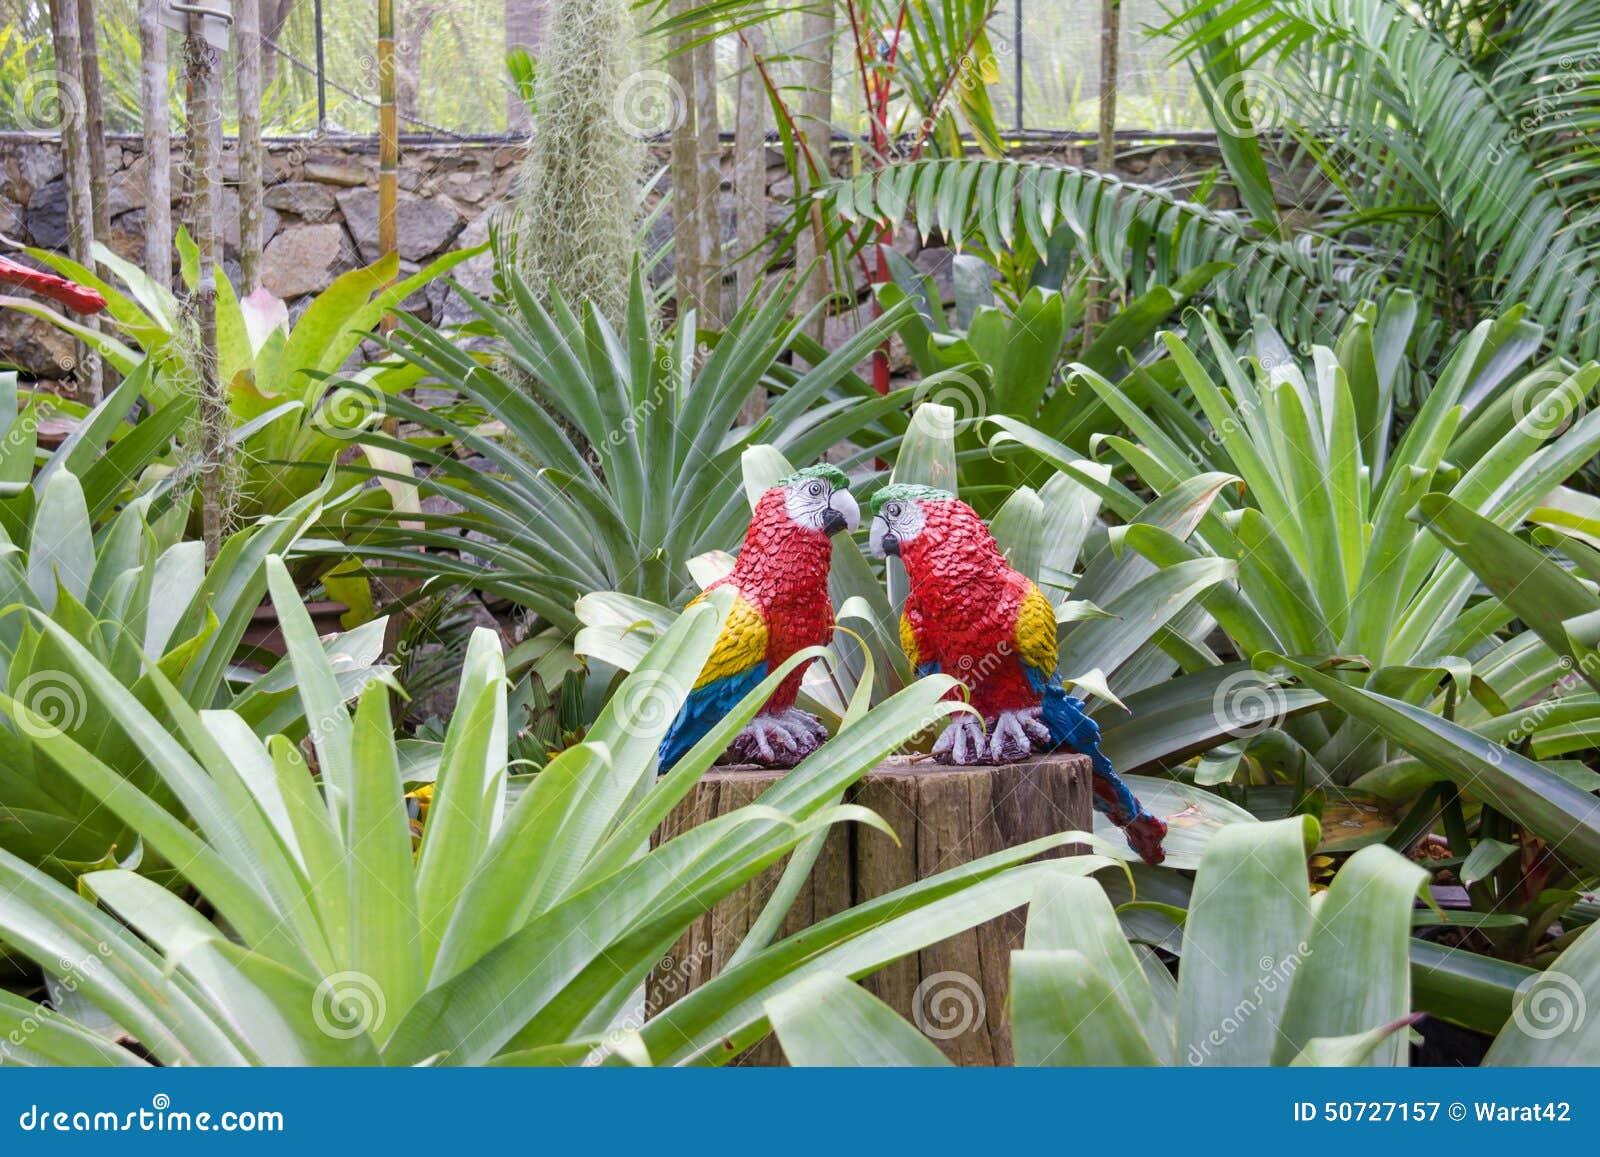 Le perroquet synth tique comme d coration de jardin dans for Decoration jardin tropical